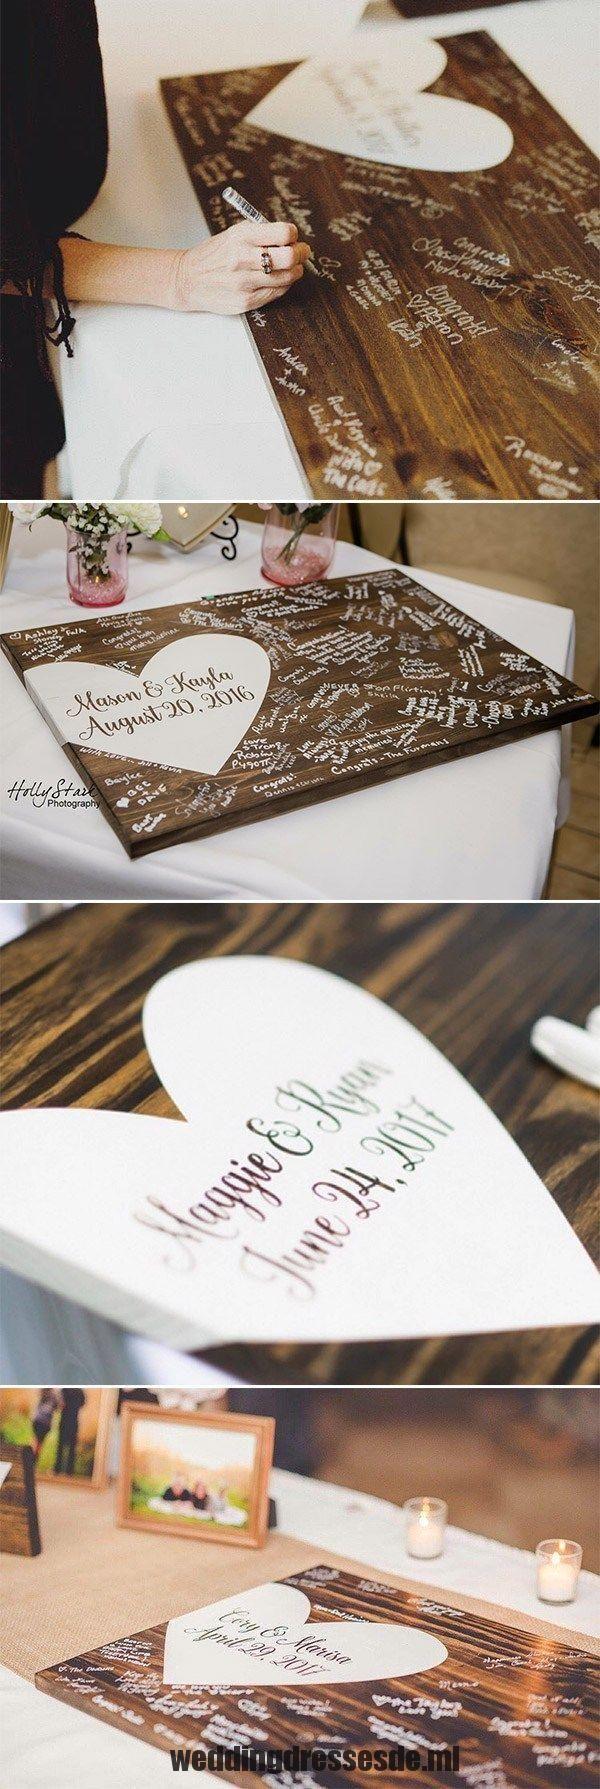 22 alternative Hochzeit Gästebuch rustikale Holz Gästebuch Hochzeit Dekor kreativ